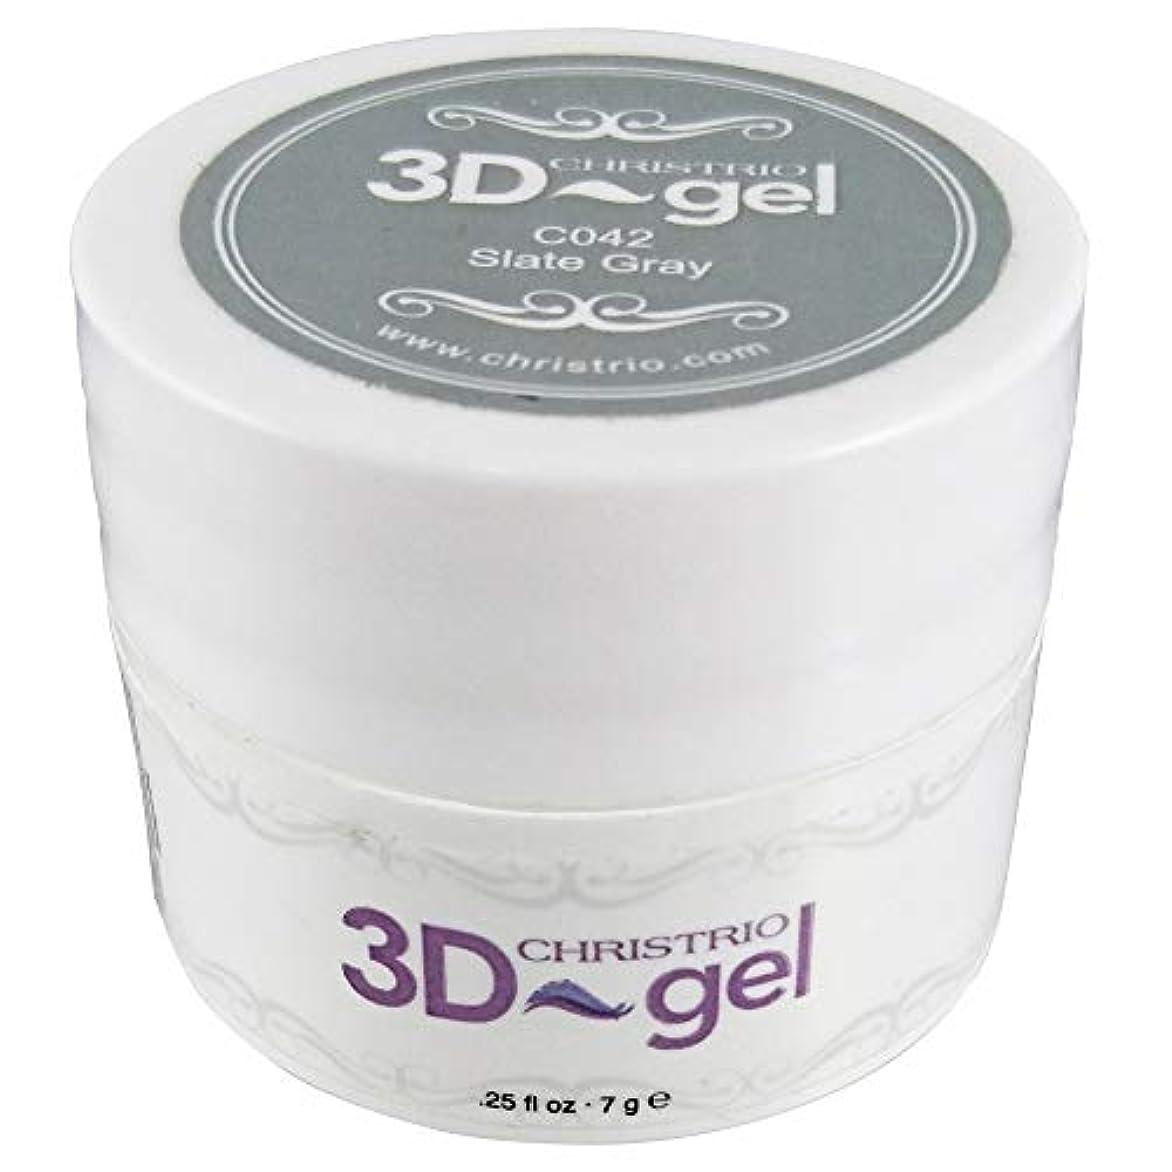 回転する騙す用心CHRISTRIO 3Dジェル 7g C042 スレートグレイ